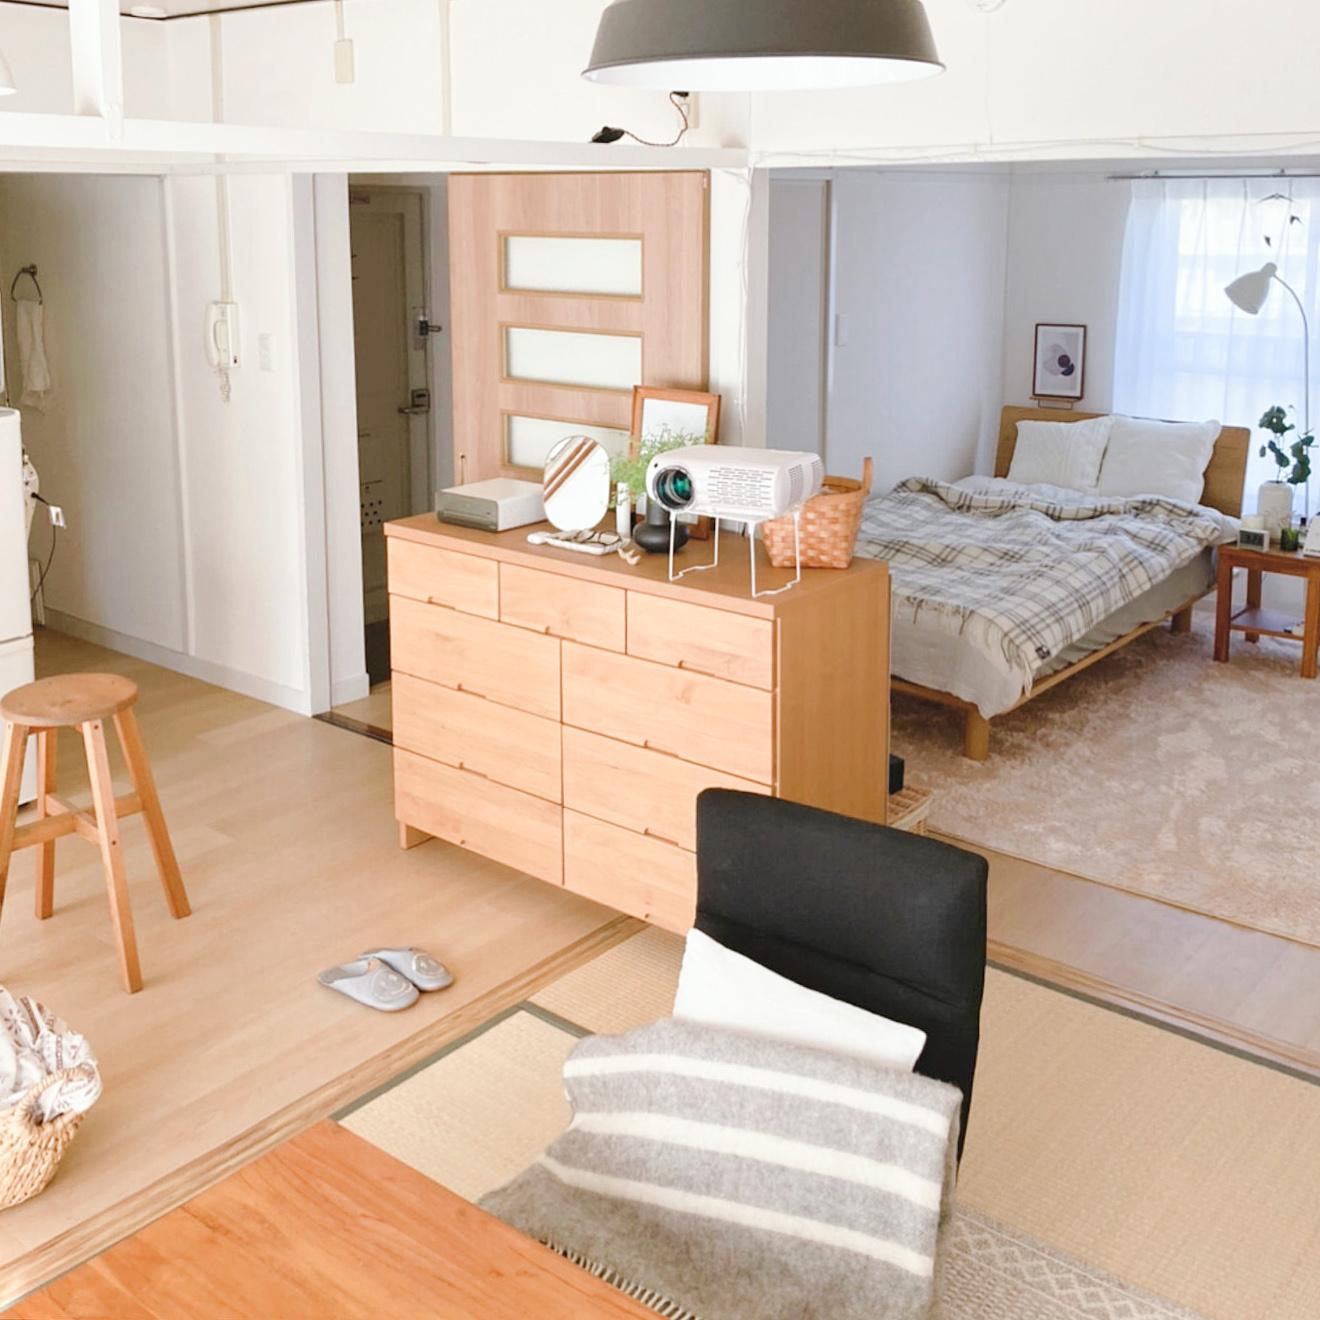 団地を明るい雰囲気にリノベーションしたお部屋の事例。居間のリラックススペースに、プロジェクターが置かれています。